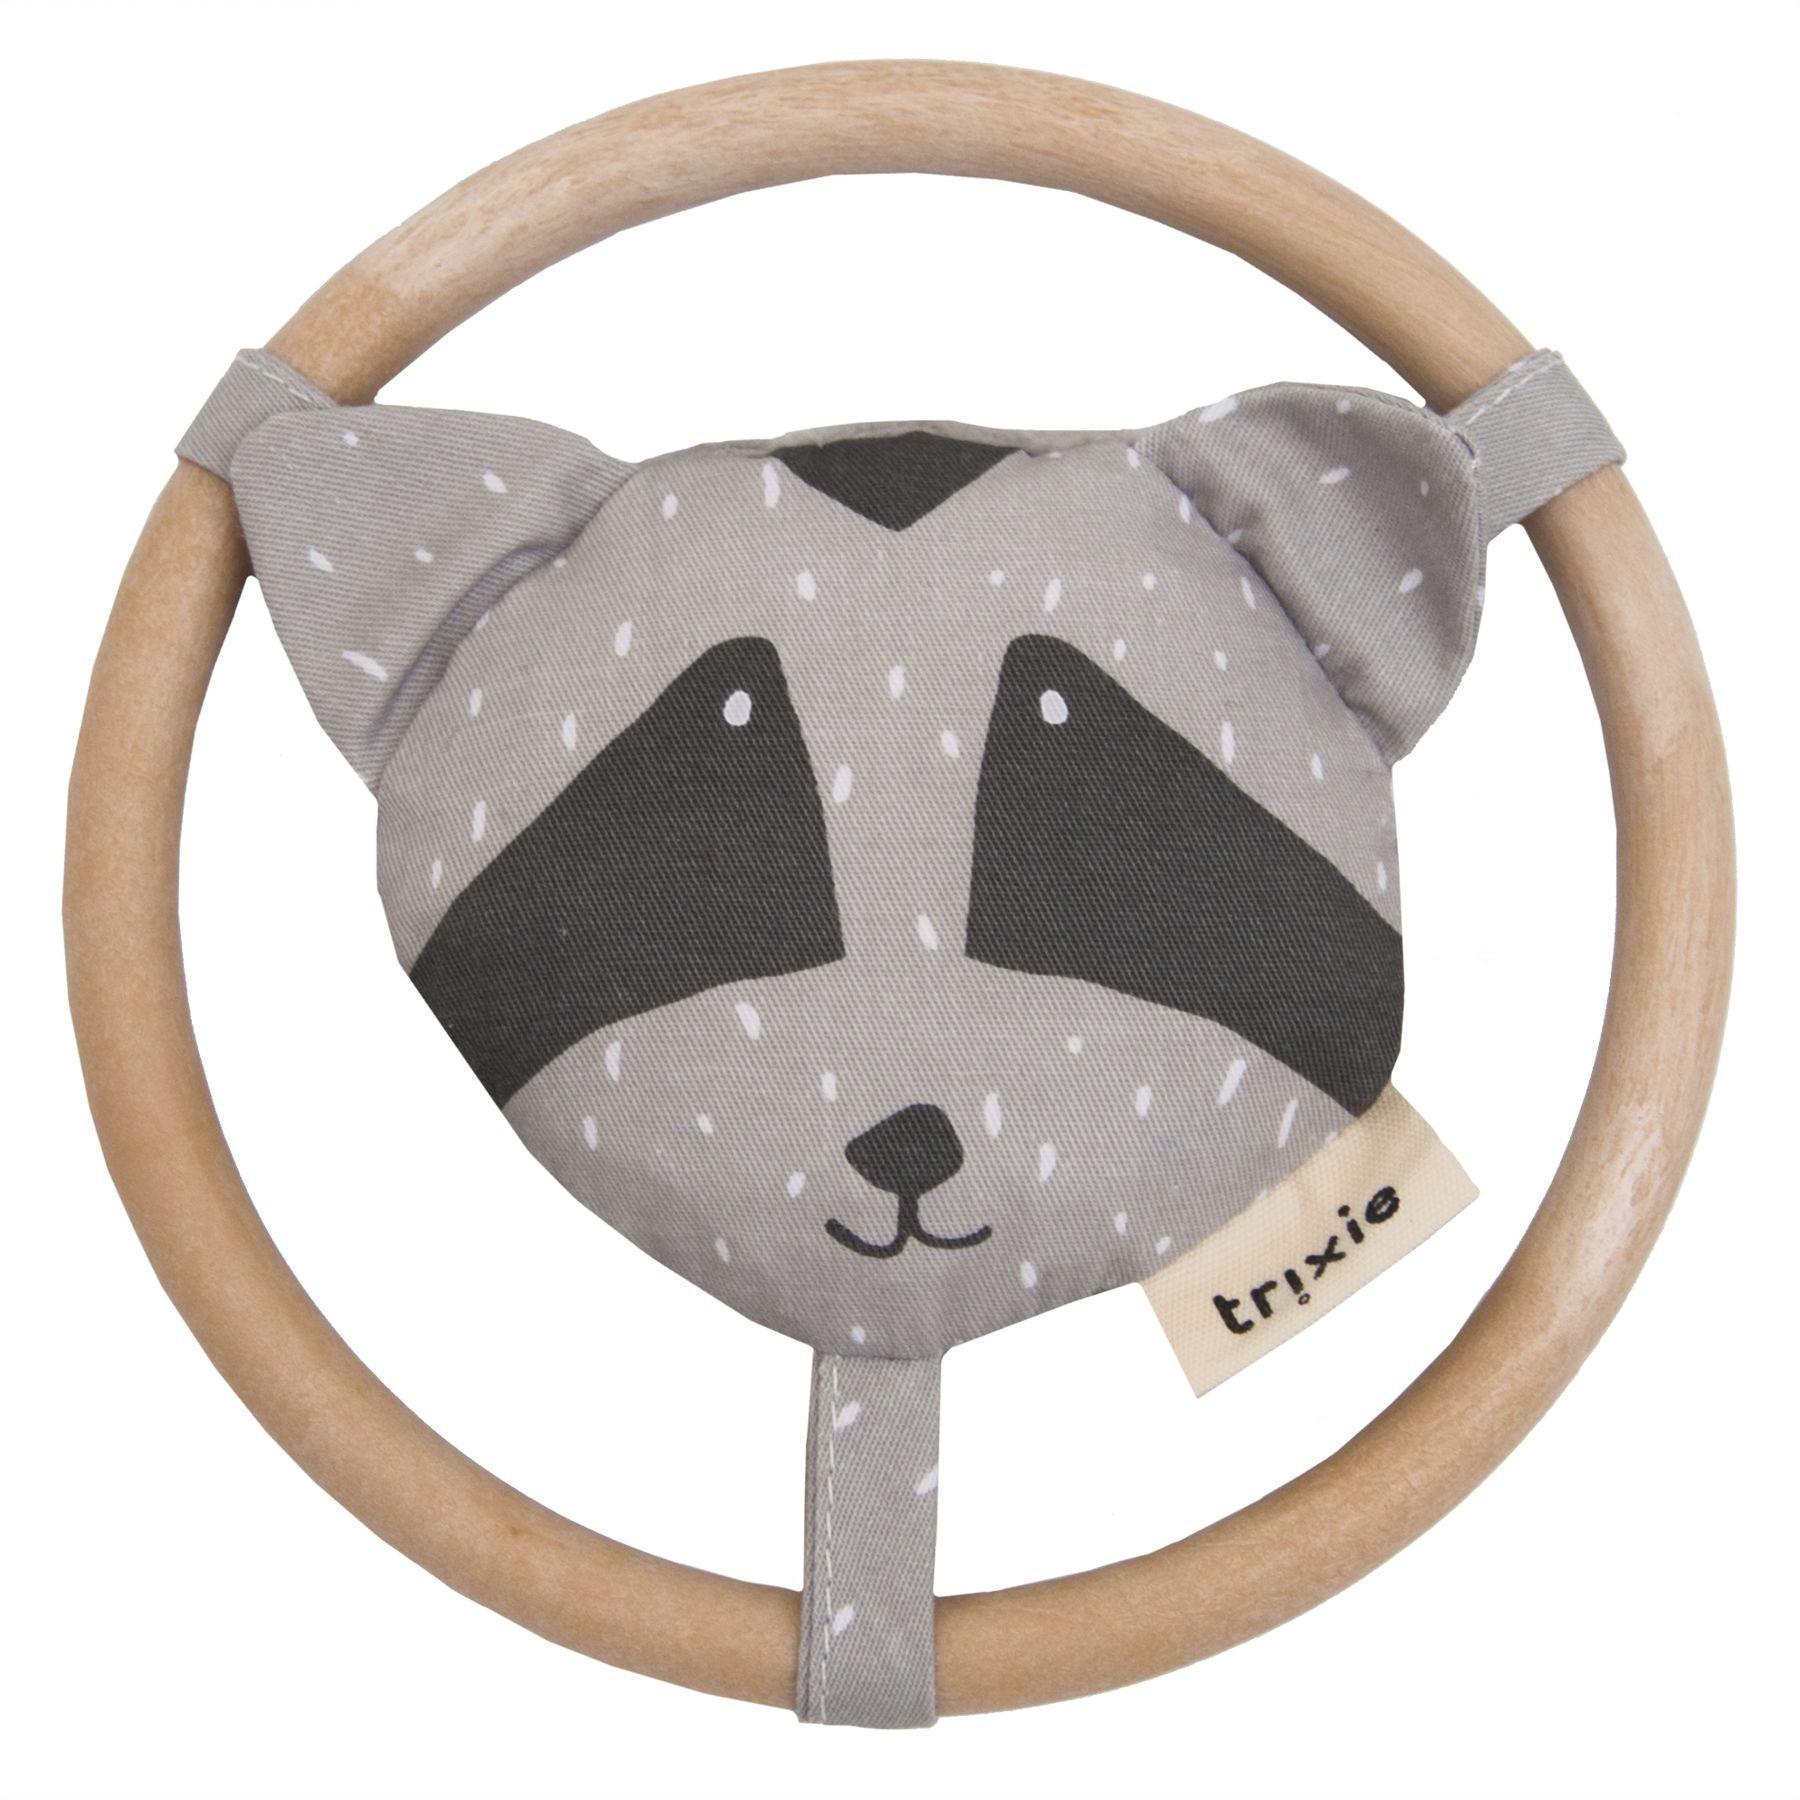 Trixie - Speelgoed | Rammelaar - Mr. Raccoon - 24-293 - Pack-3Pcs